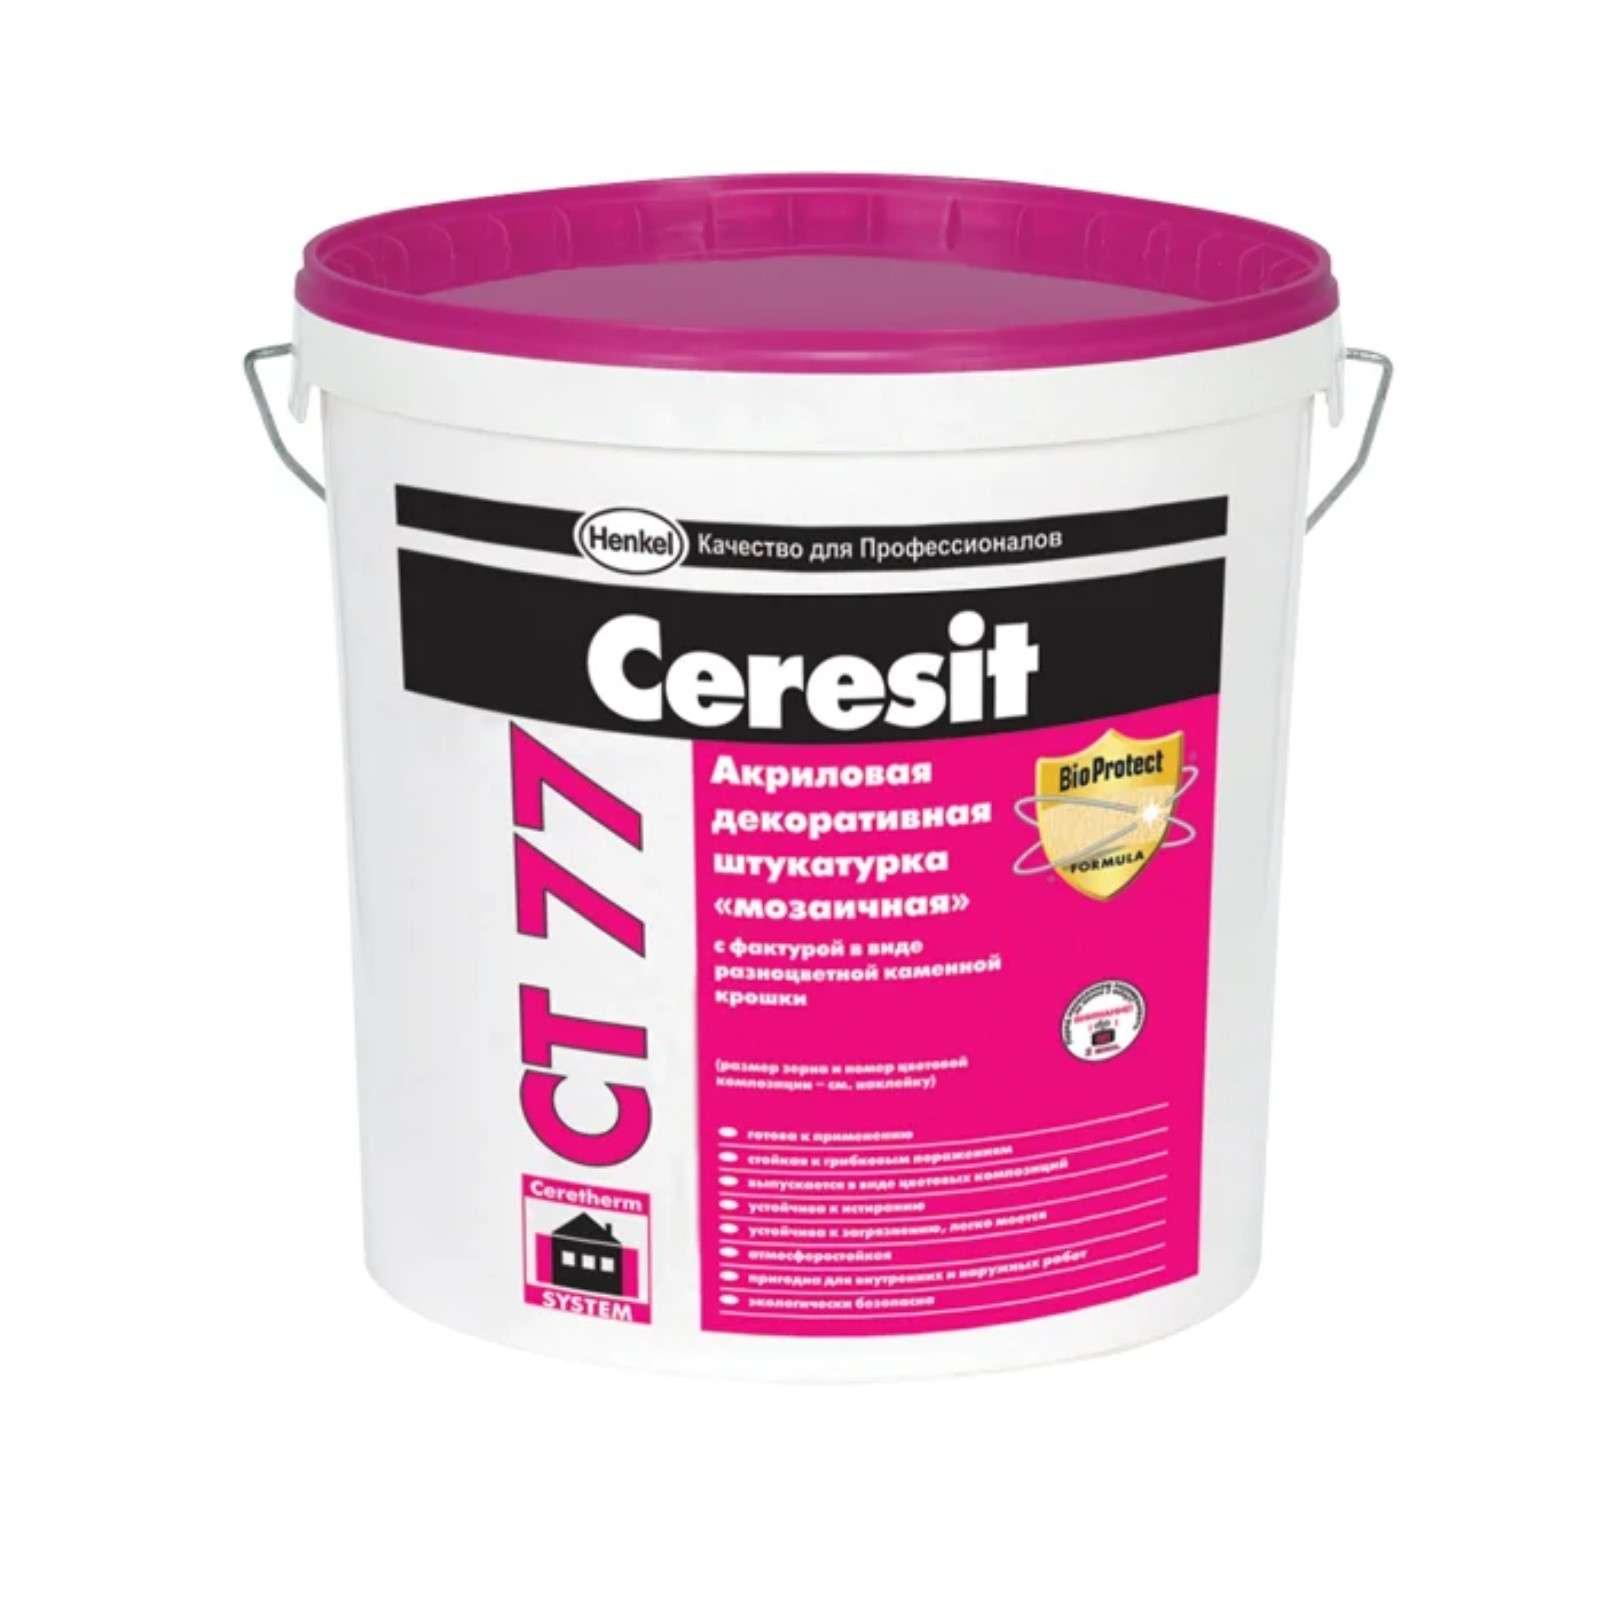 Штукатурка декоративна акриловая Ceresit CT77 Мозаичная Чили 2, 25 кг